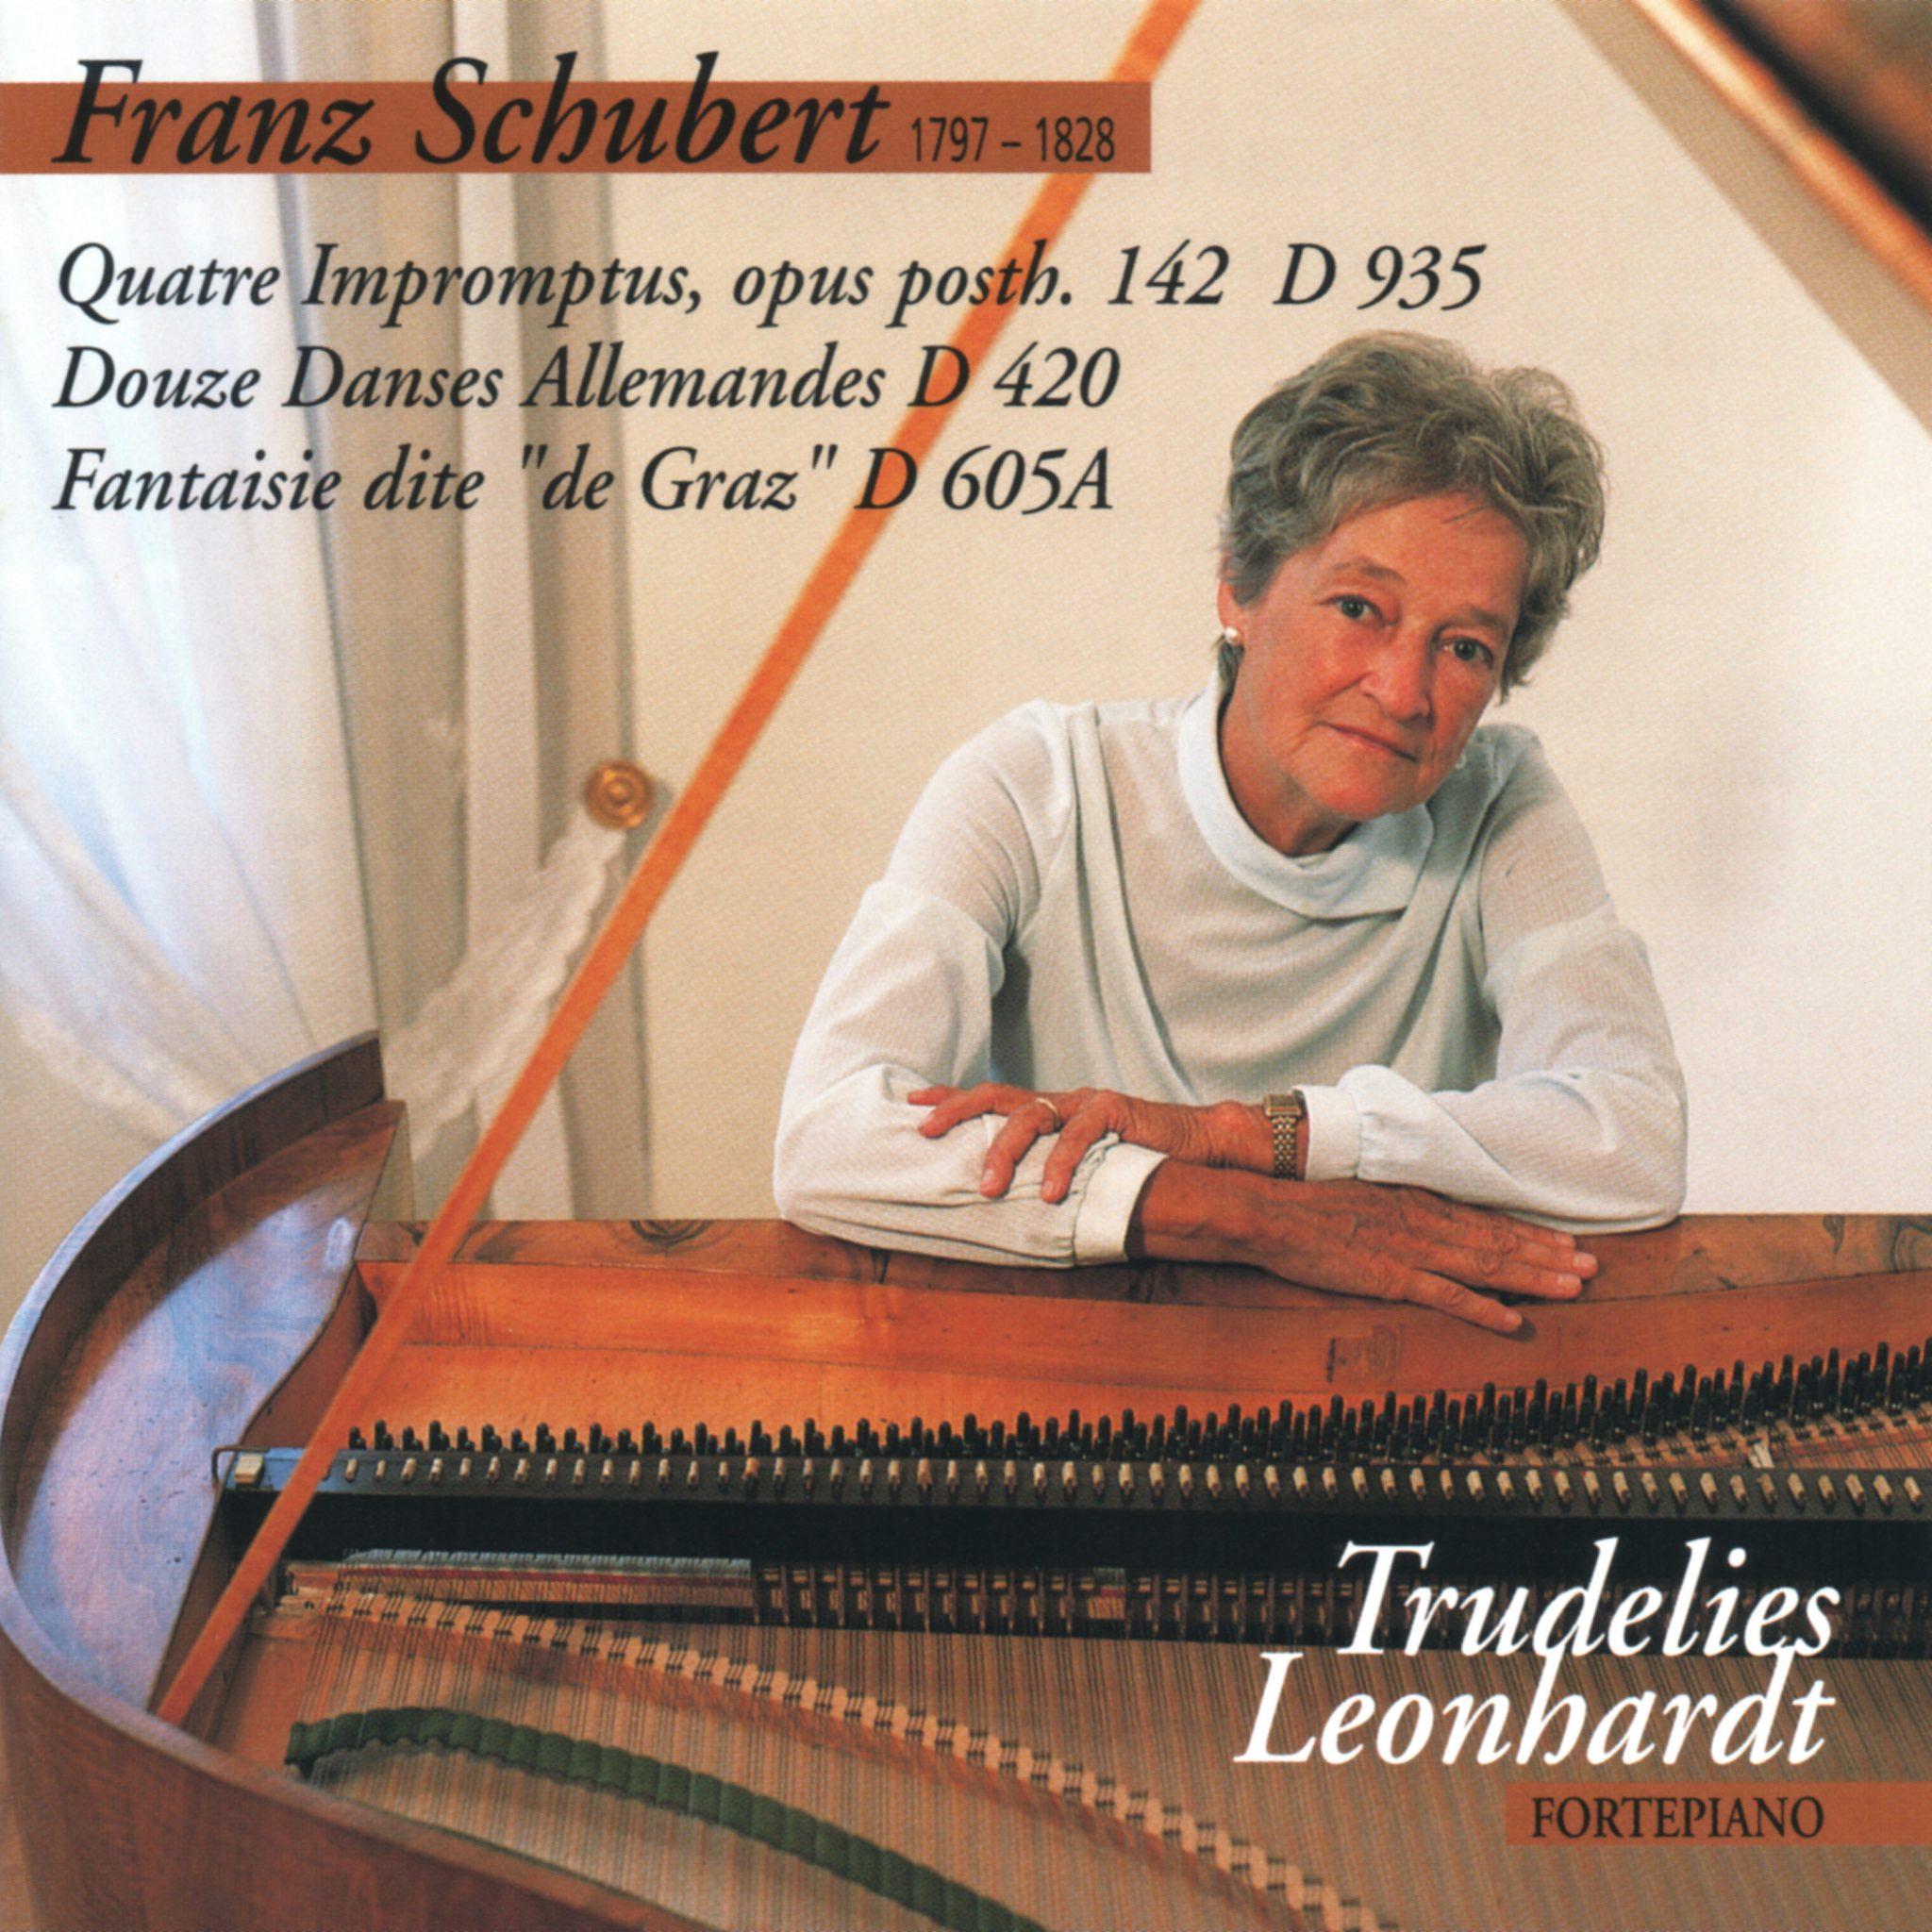 Franz Schubert - 4 Impromptus - 12 German Dances - Grazer Fantasy - Trudelies Leonhardt - Fortepiano